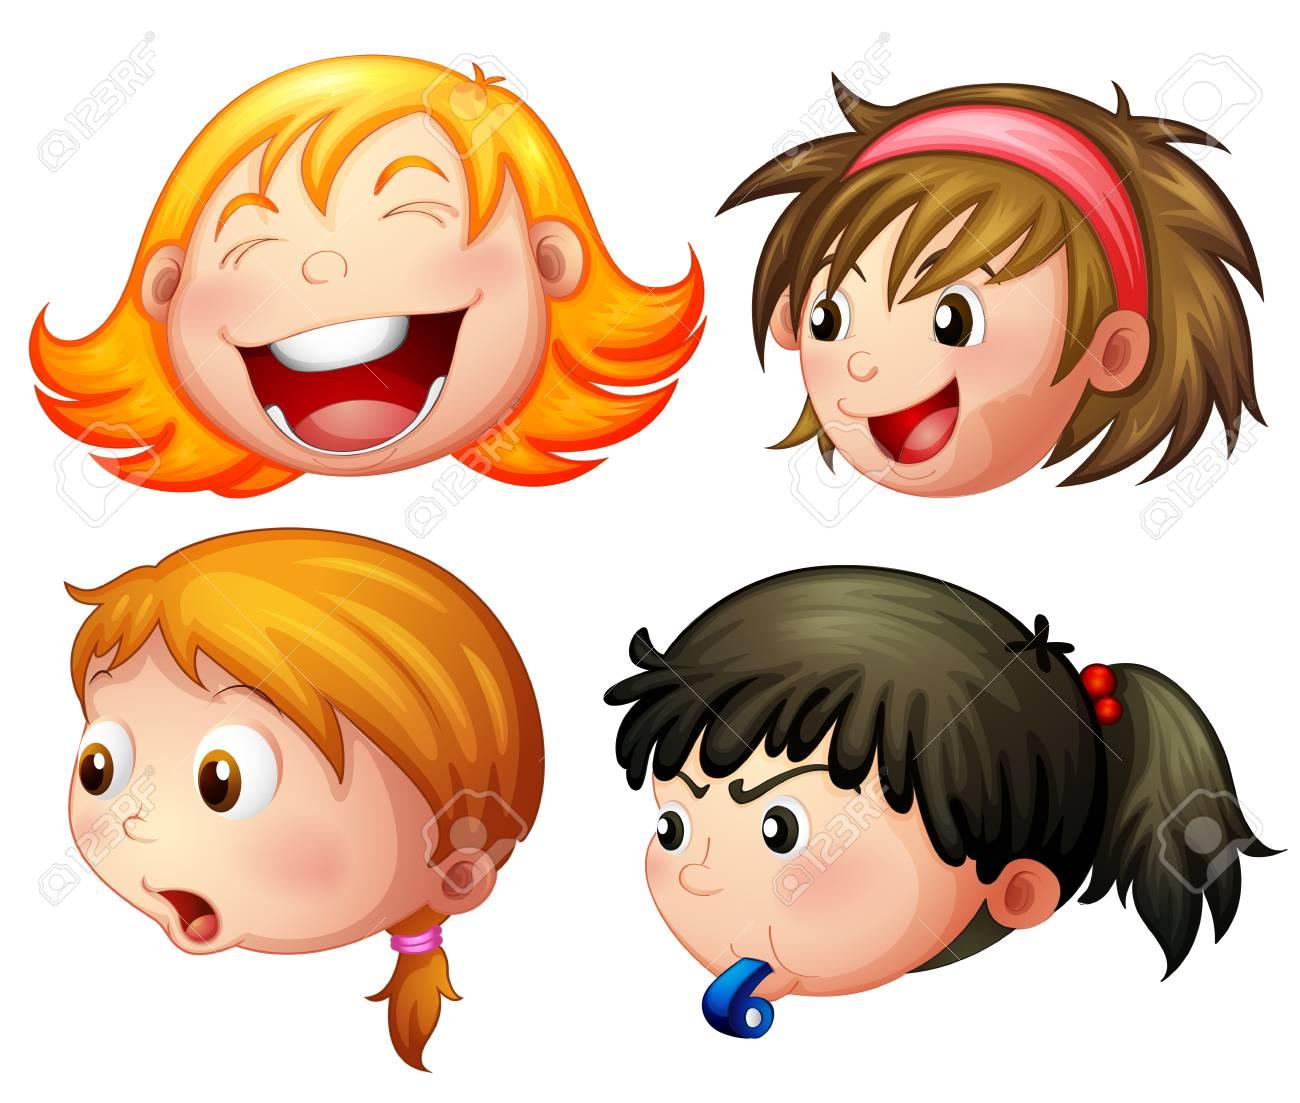 さまざまな感情のイラストが 4 人の女の子のイラスト素材ベクタ